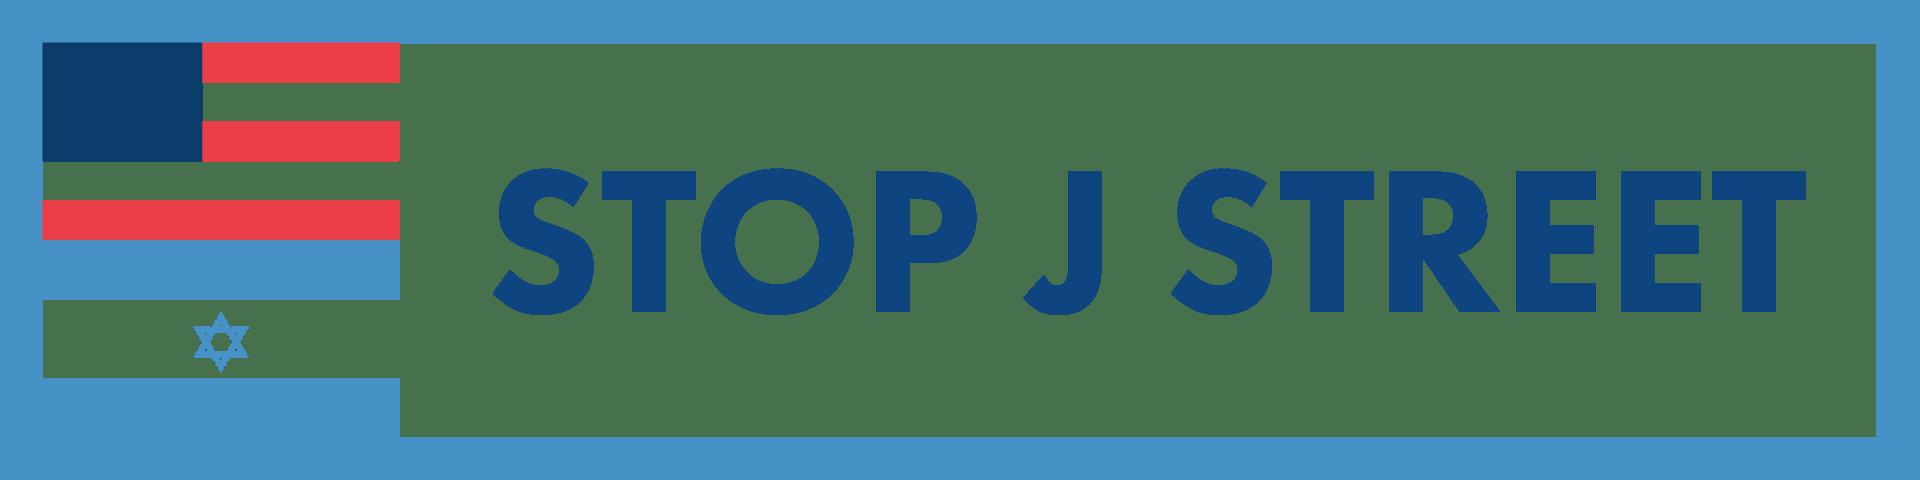 Stopjstreet logo 1a